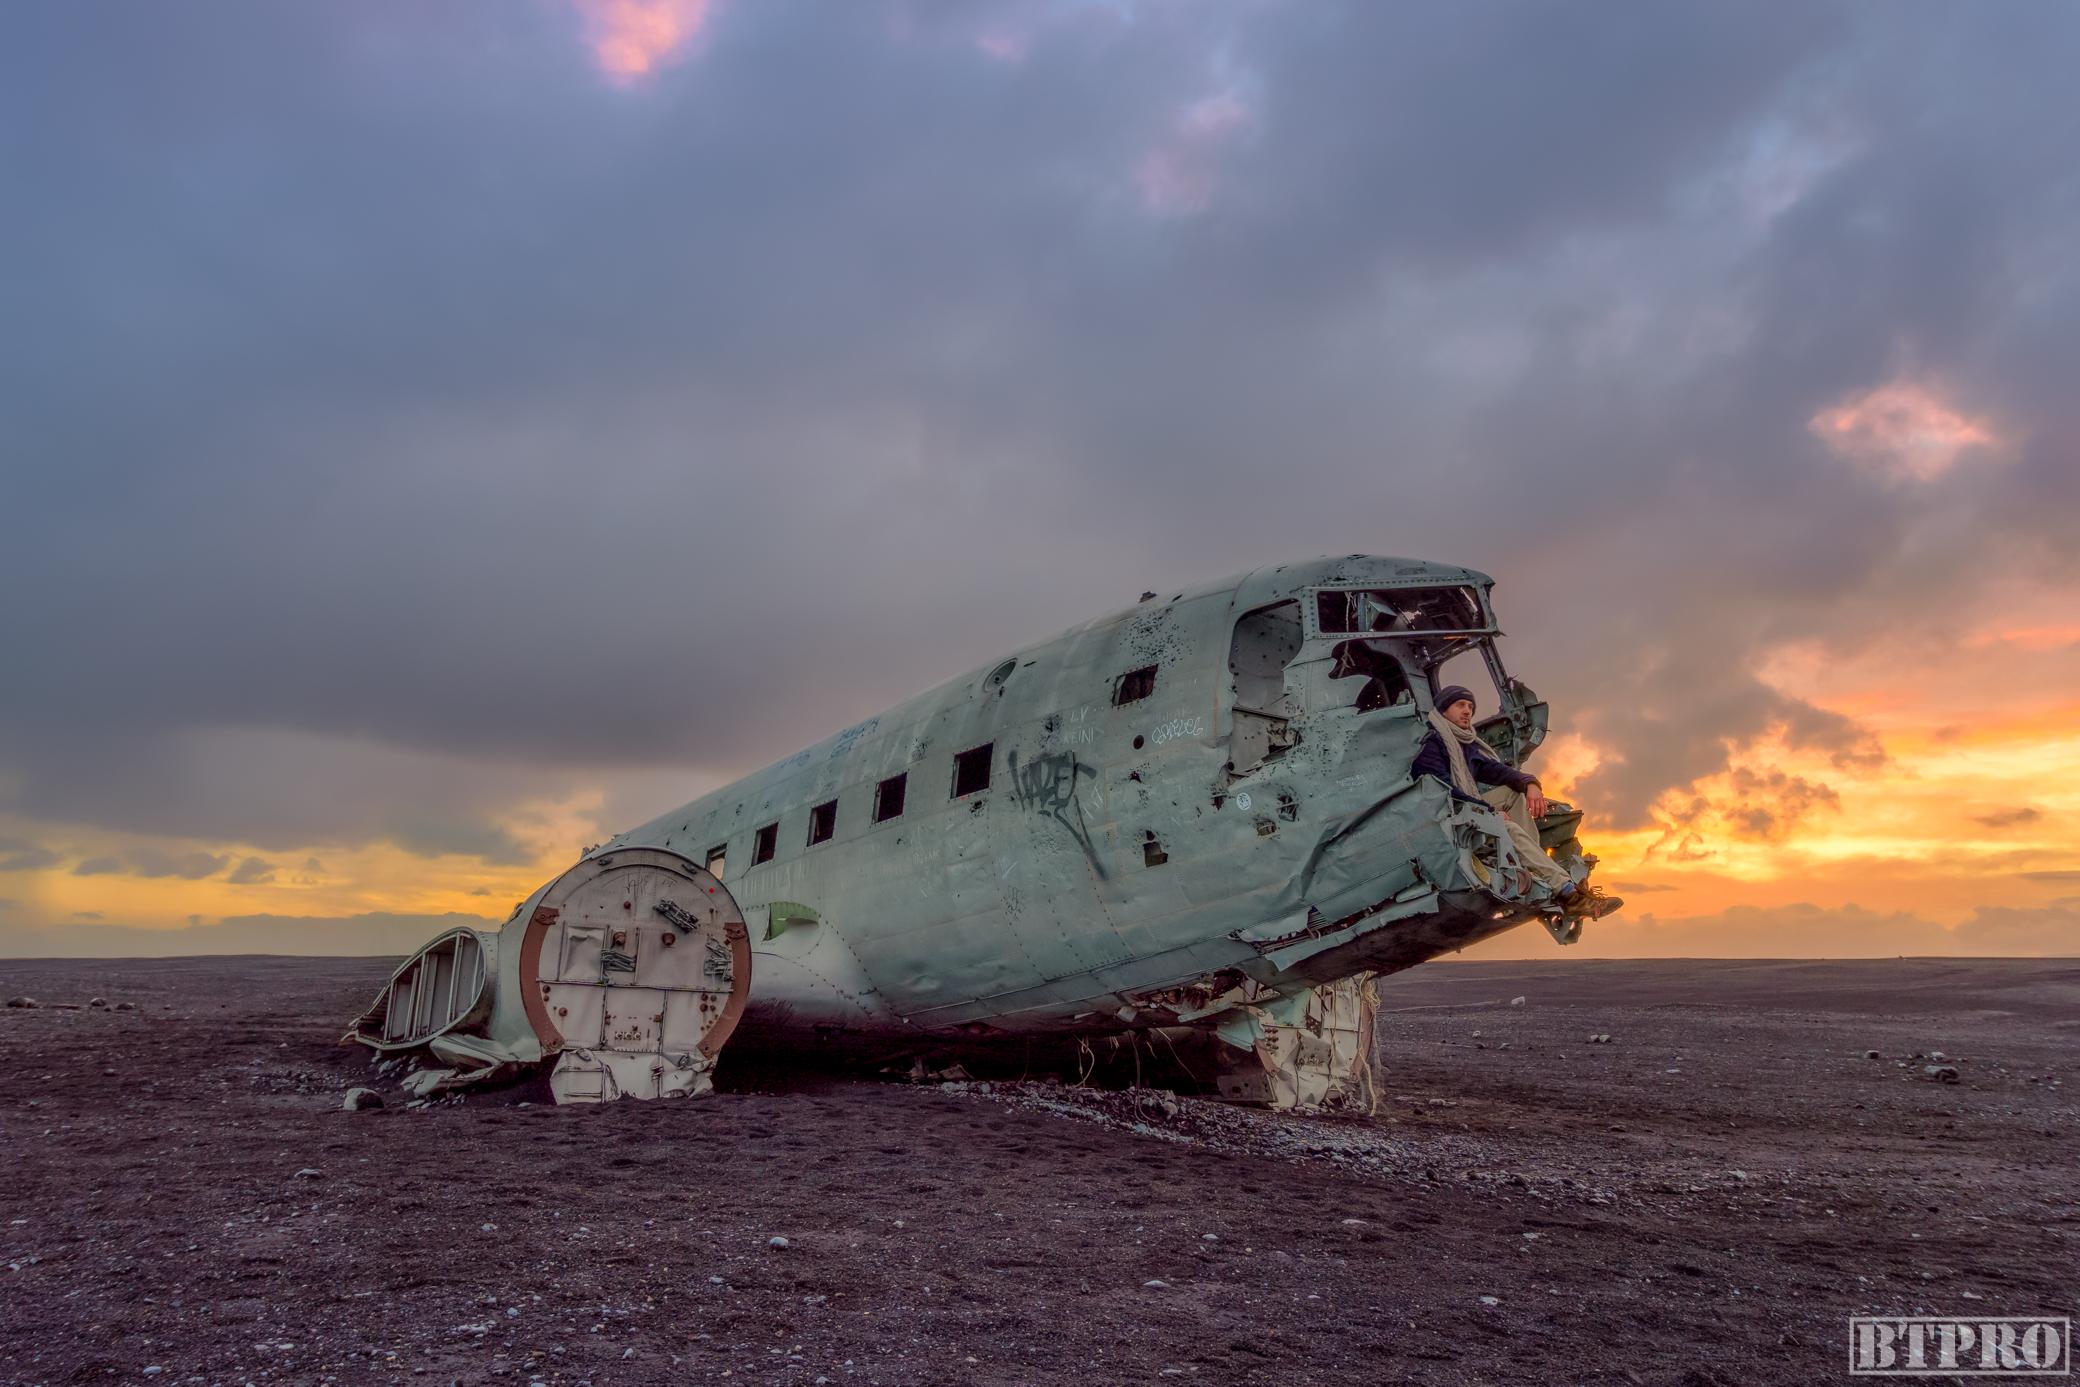 DC3 Plane Wreck at Sunset